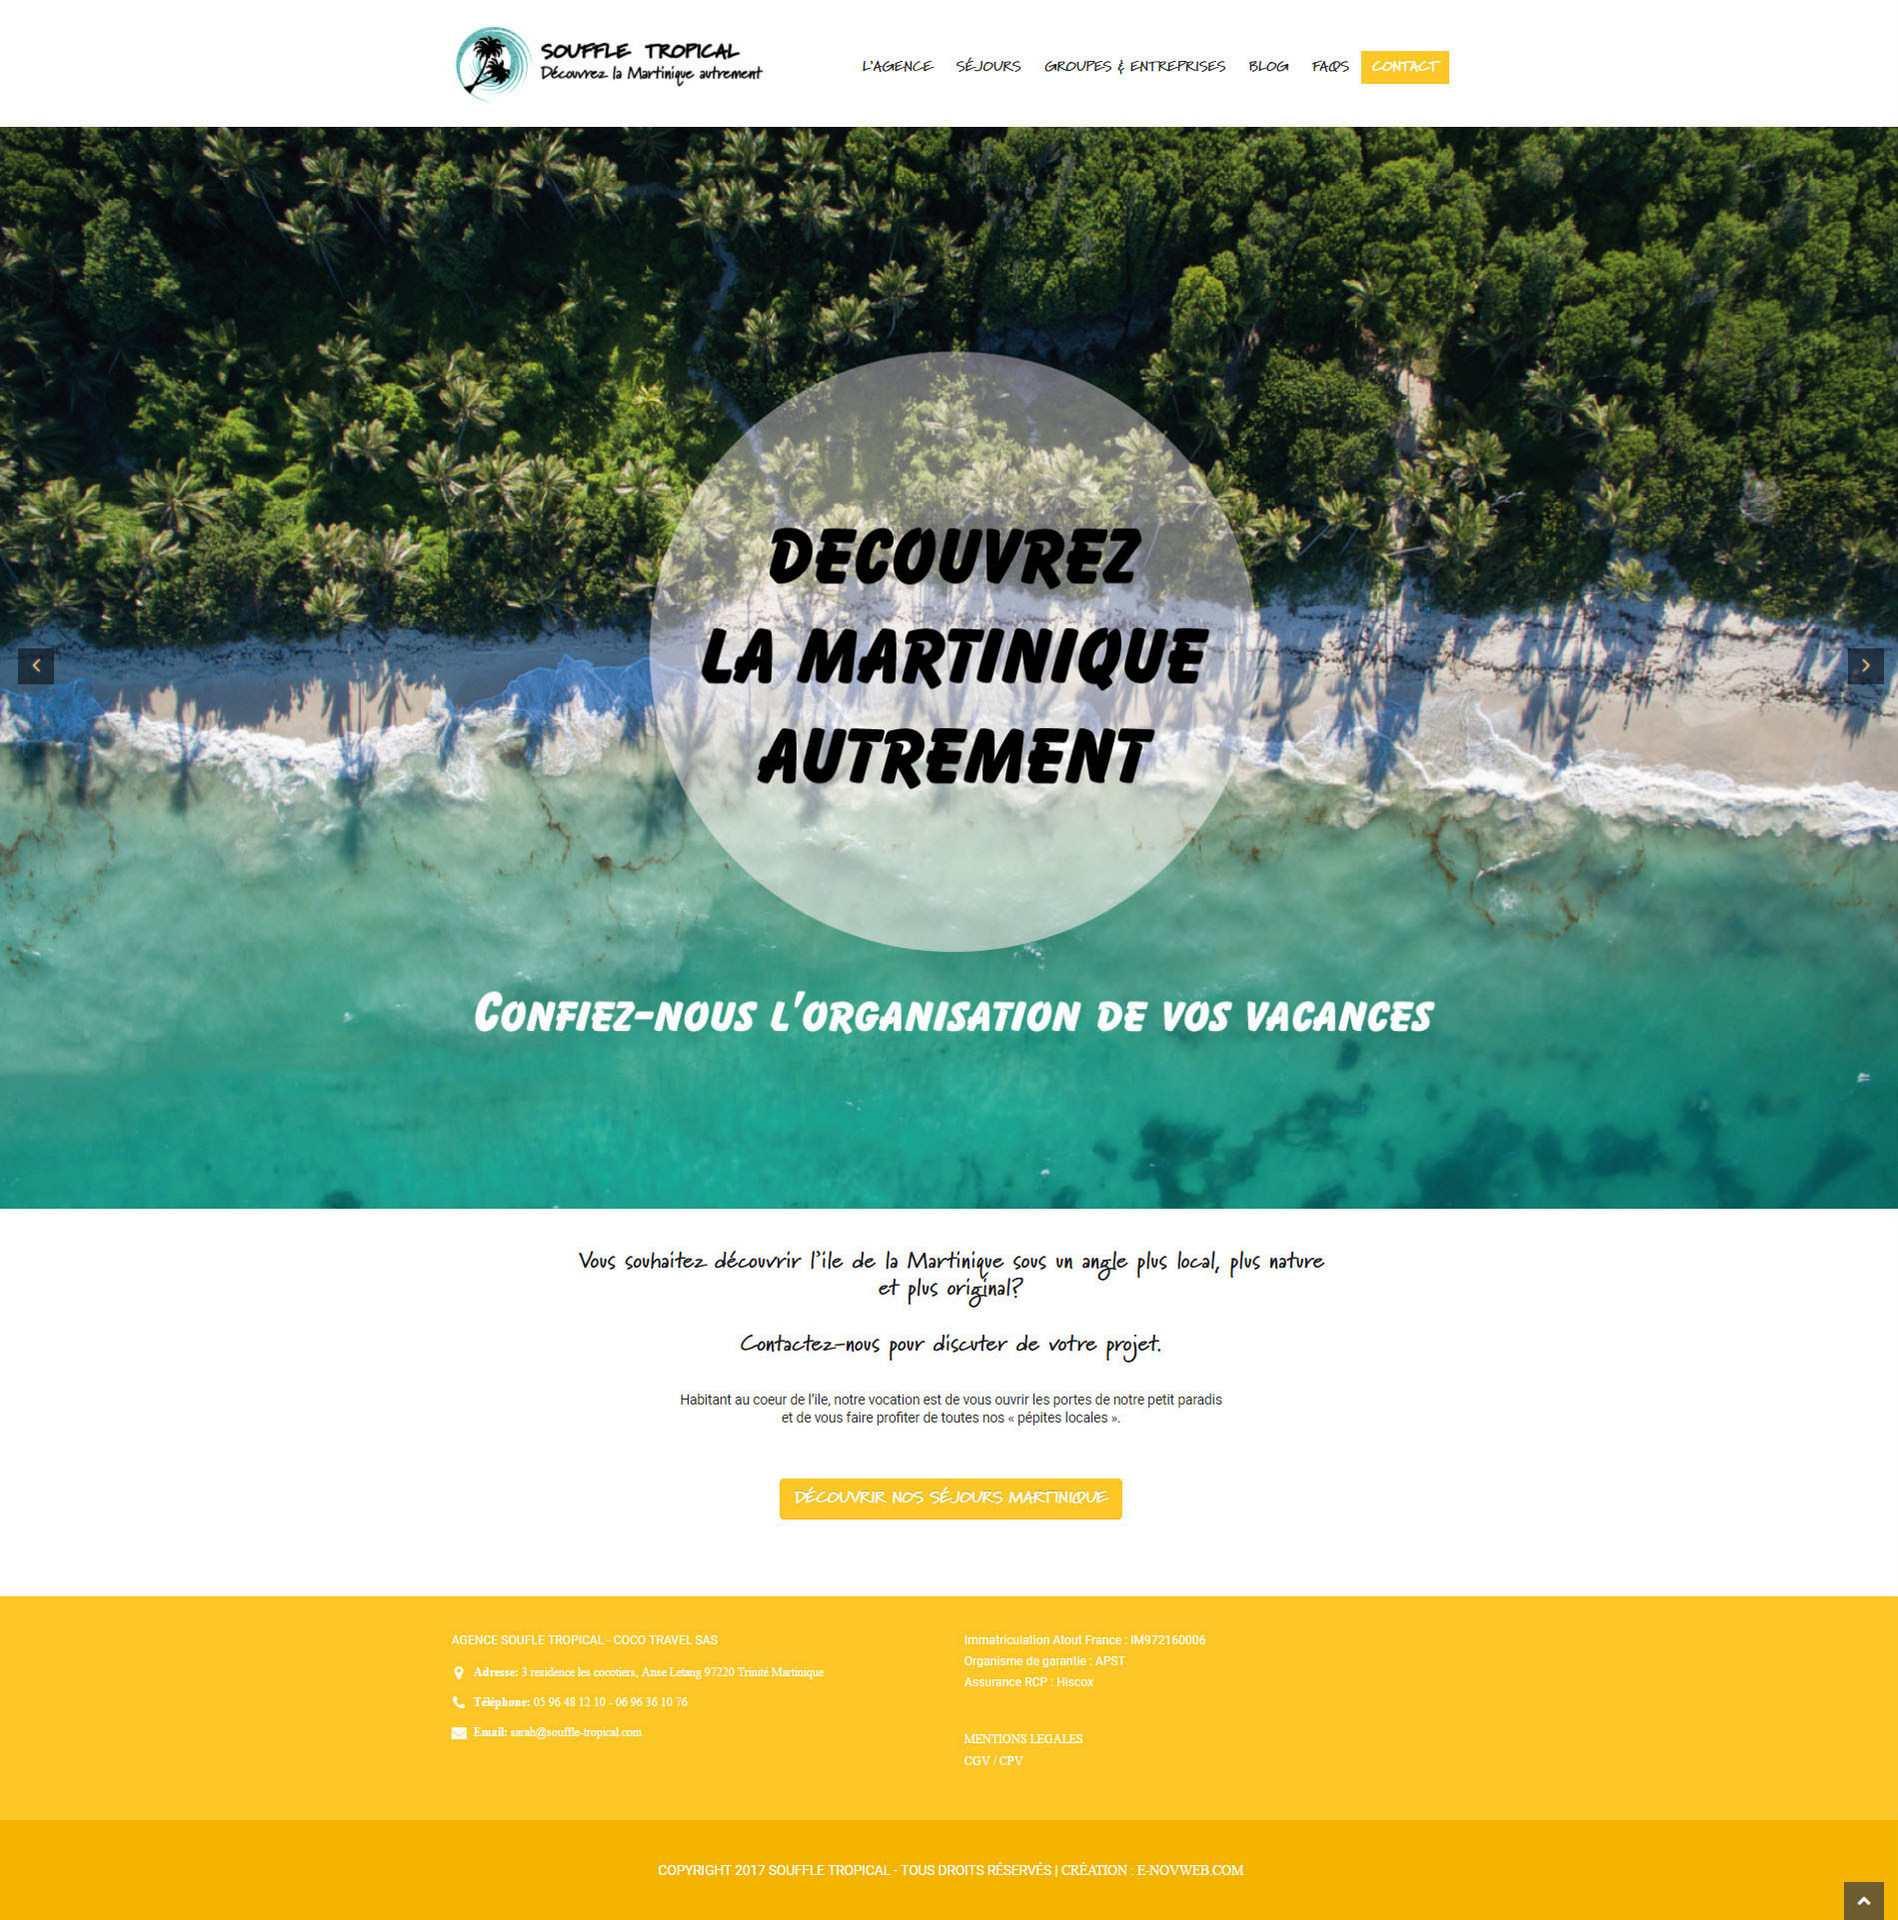 L'Agence de voyages Souffle Tropical V2